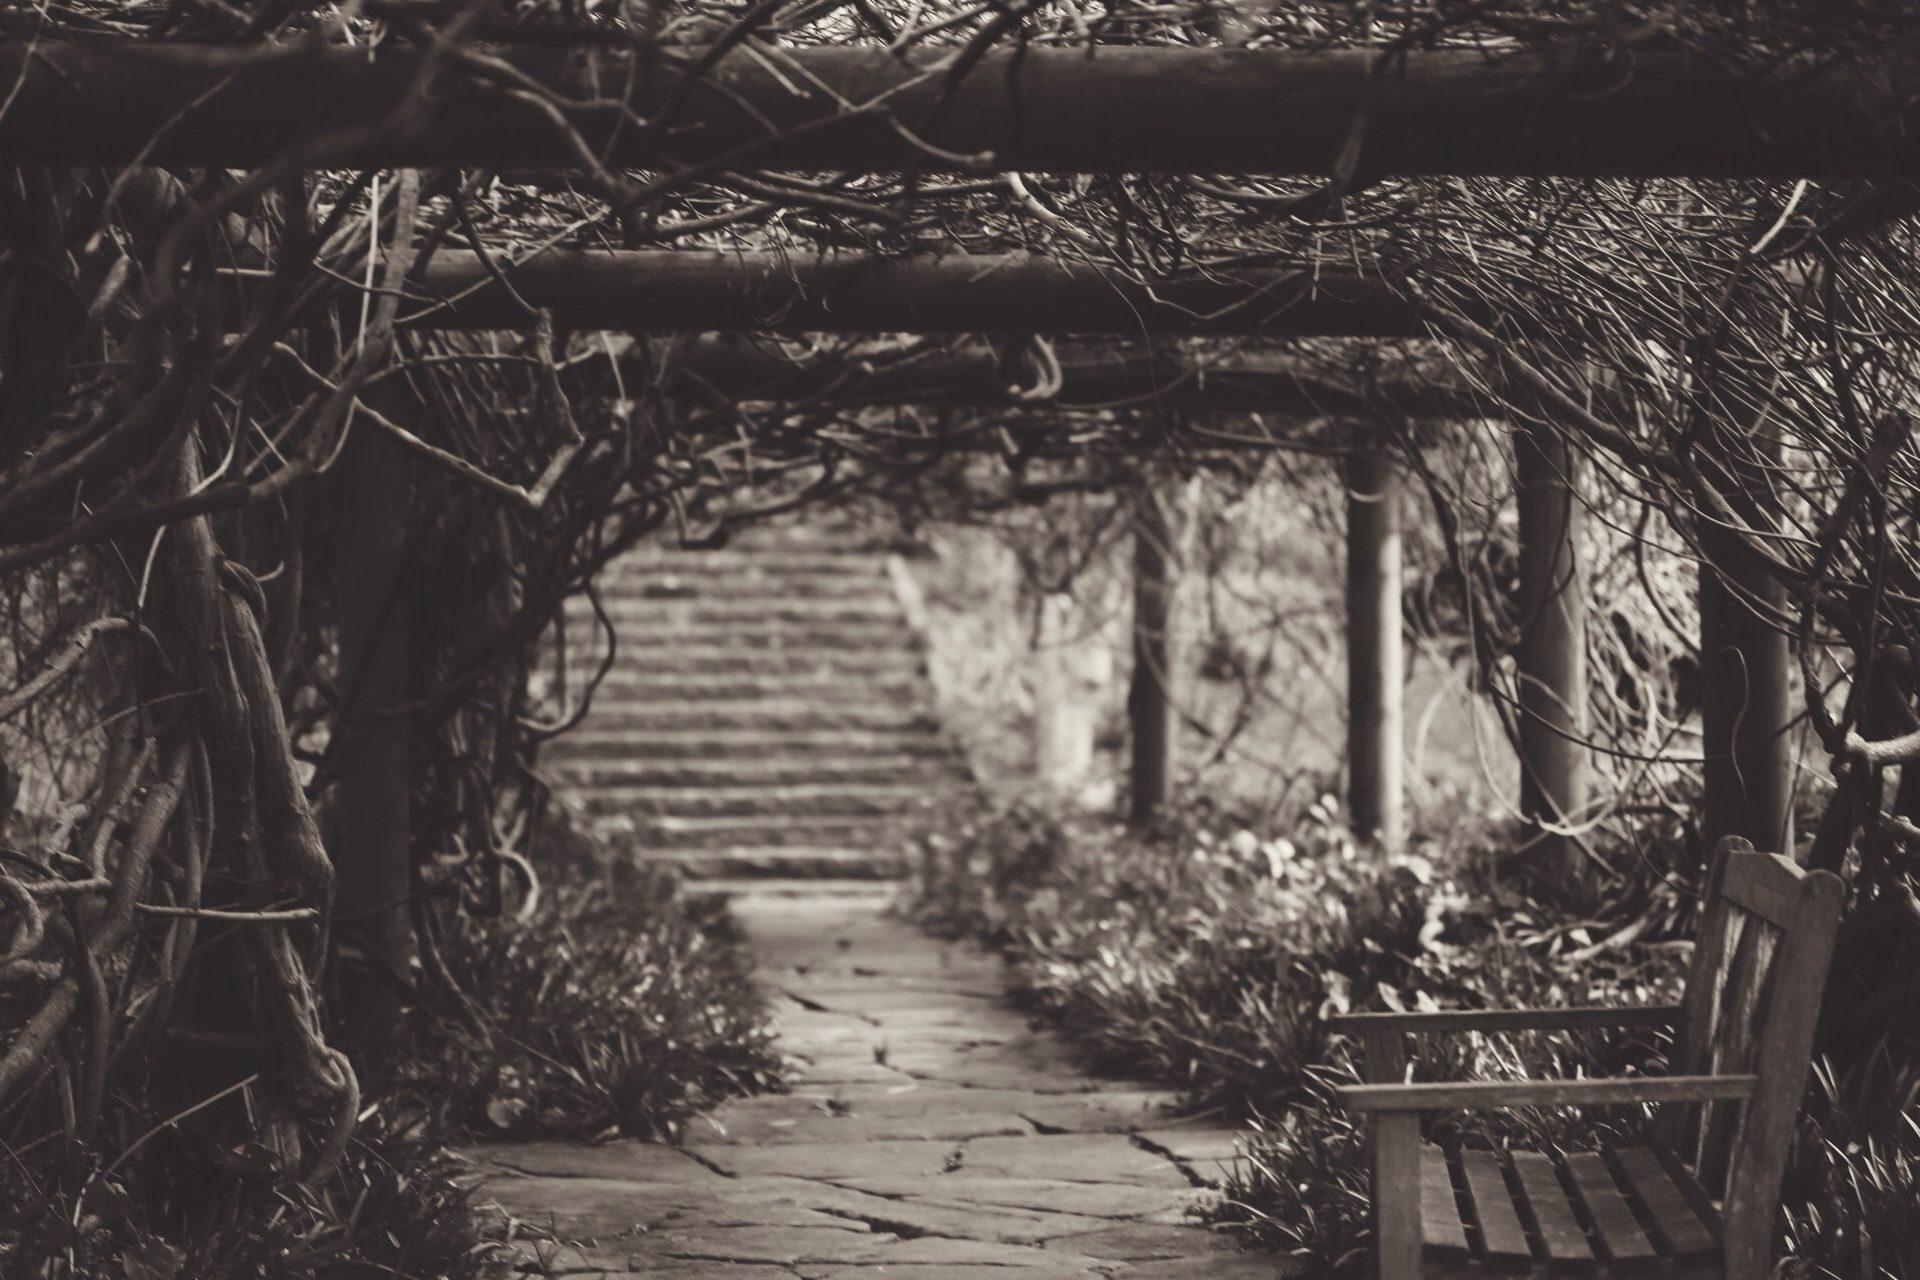 Κήπος, Πάρκο, βόλτα, κάθισμα, σε μαύρο και άσπρο - Wallpapers HD - Professor-falken.com